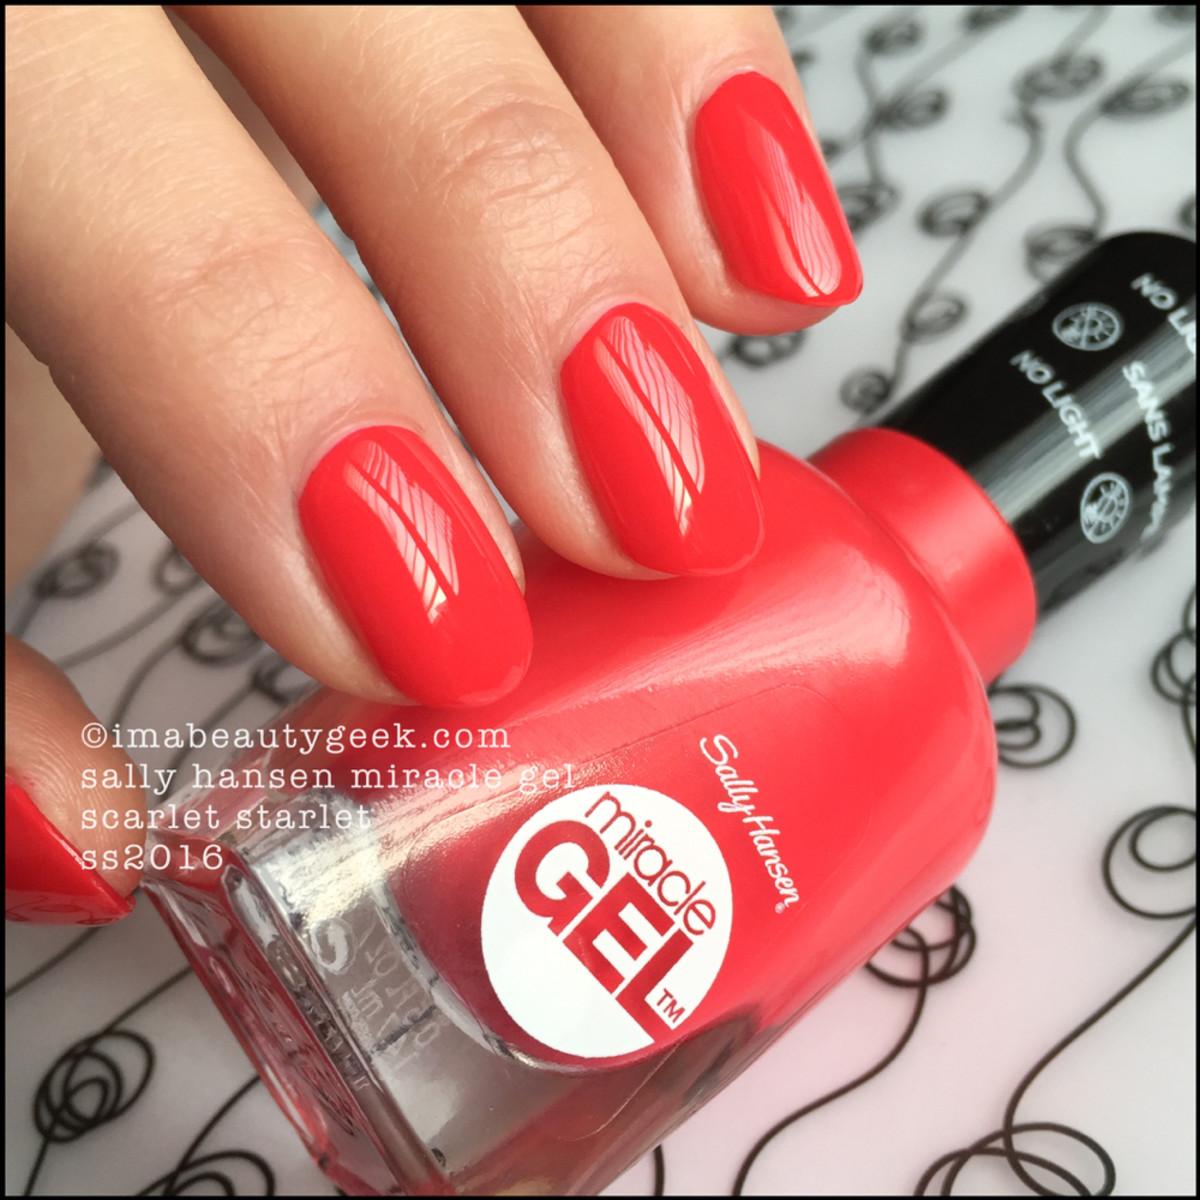 Sally Hansen Miracle Gel Scarlet Starlet_Miracle Gel Swatches